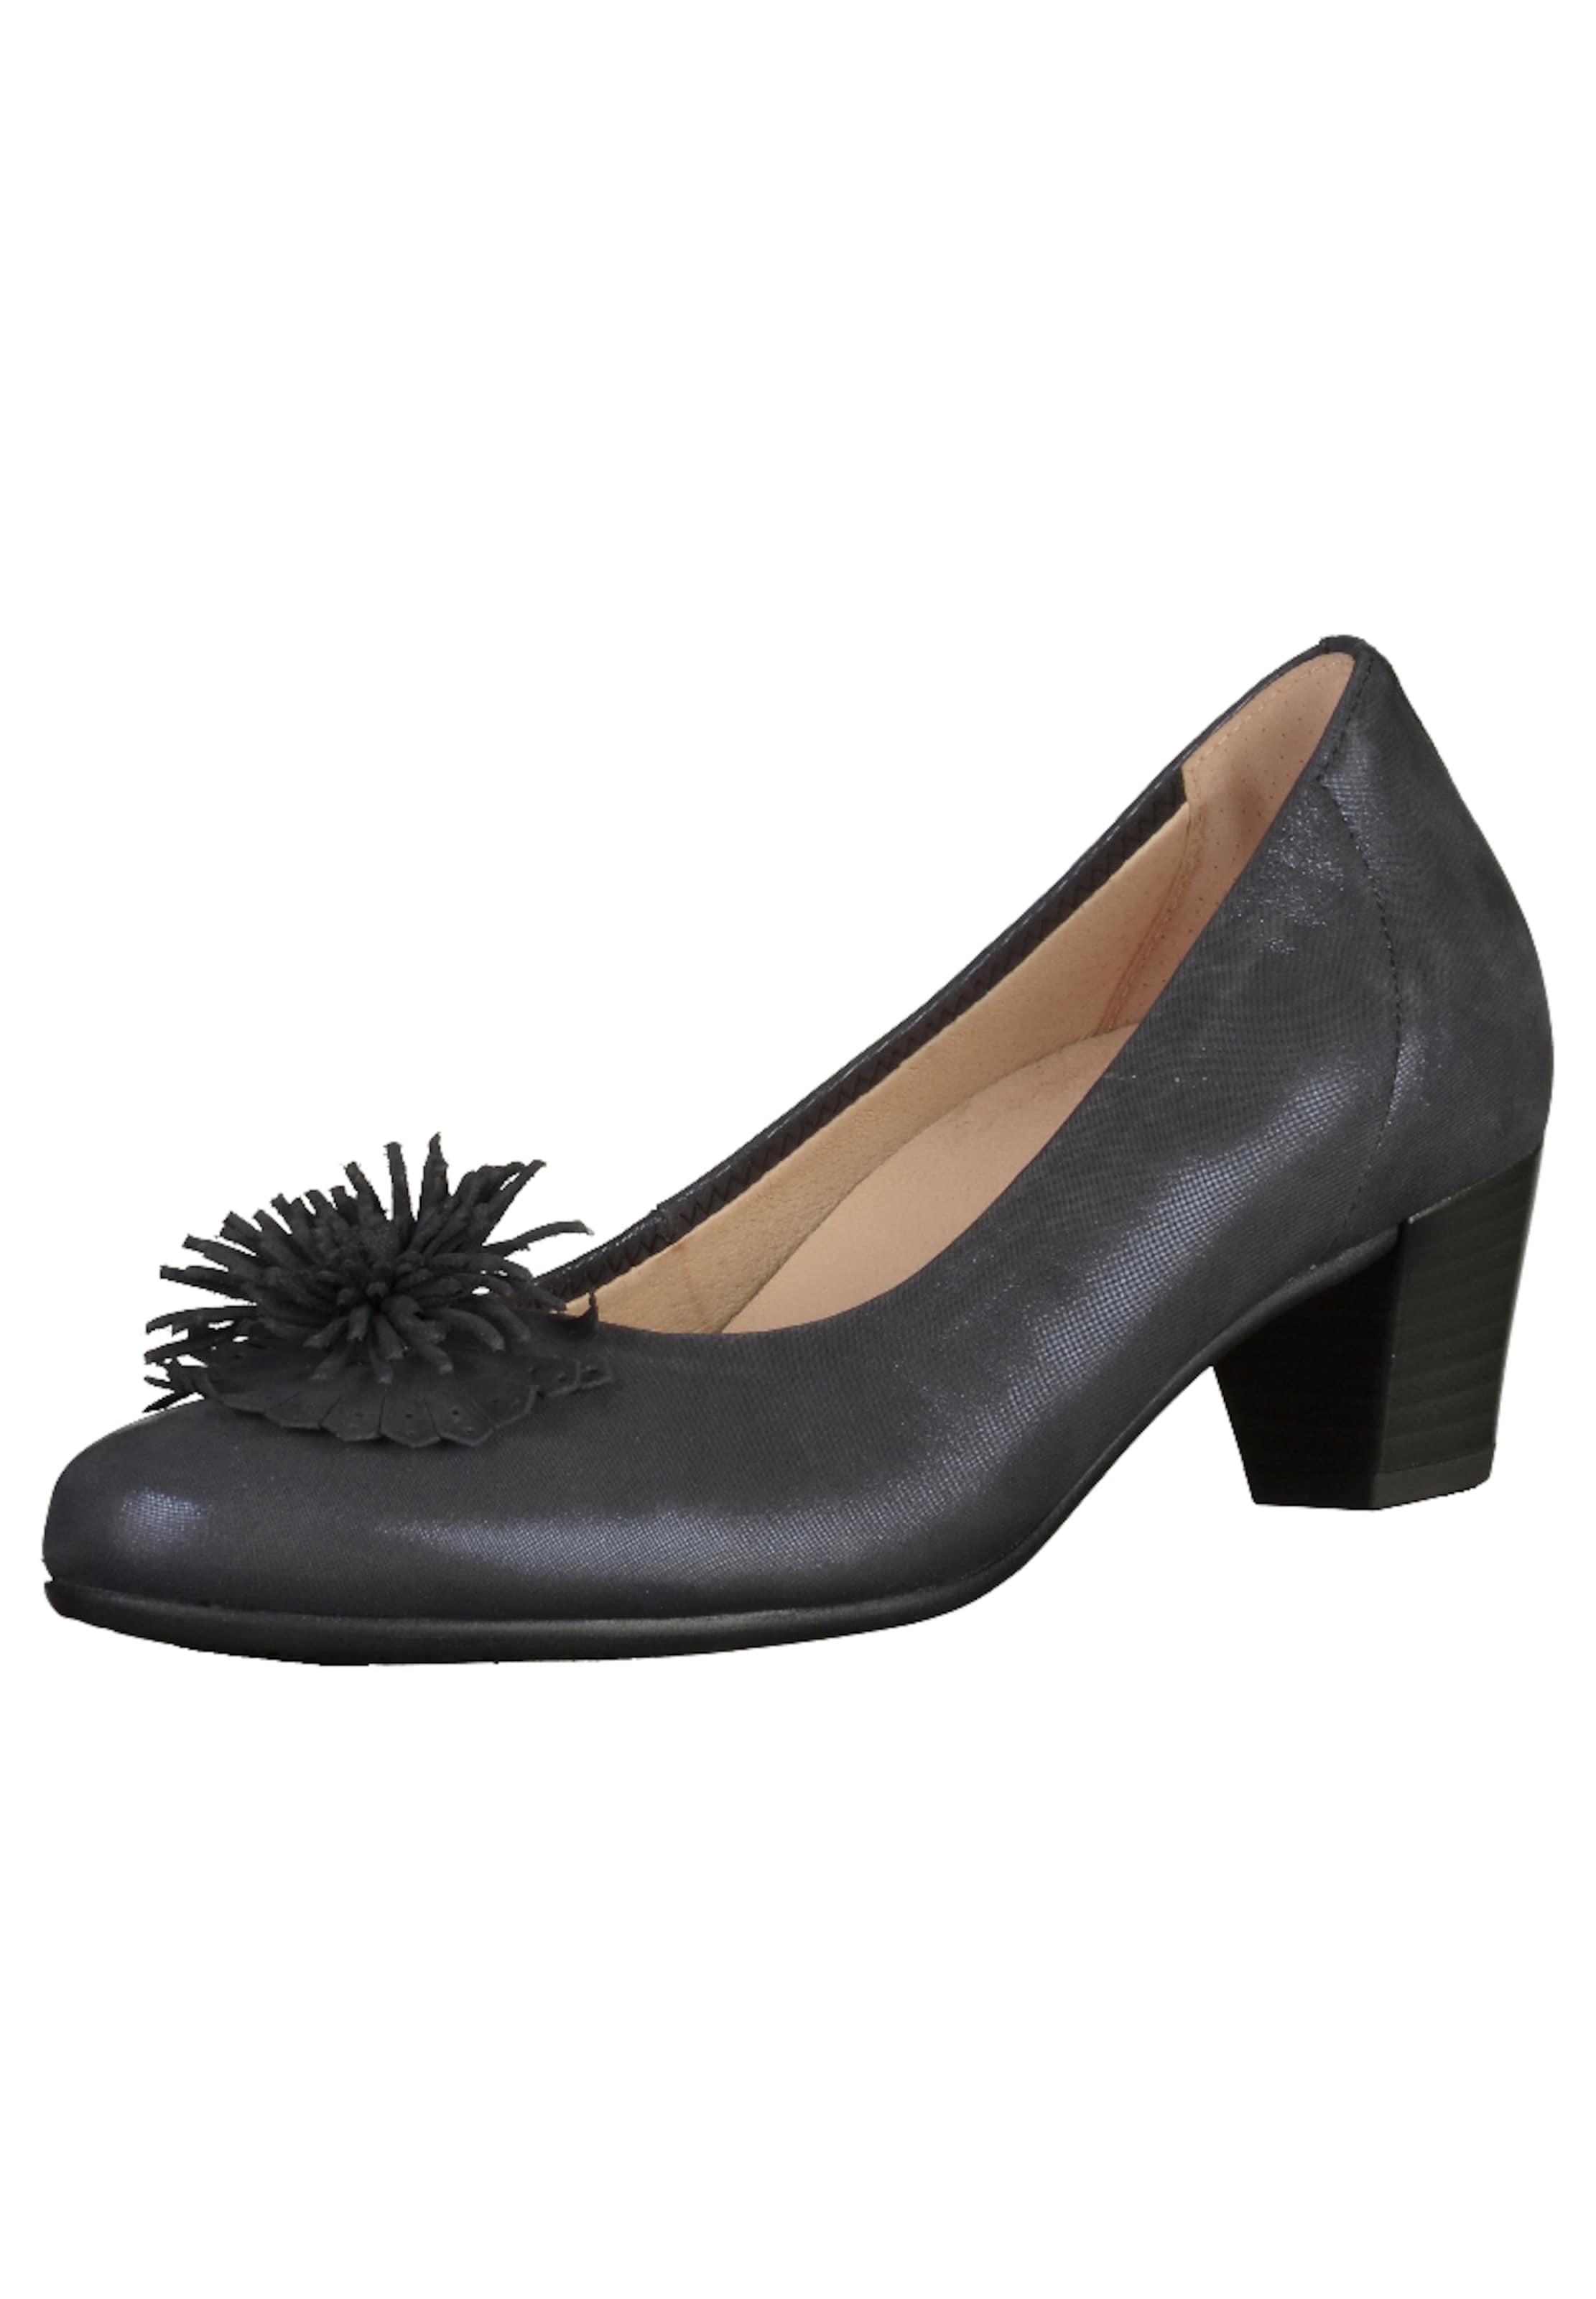 GABOR Pumps Verschleißfeste billige Schuhe Hohe Qualität